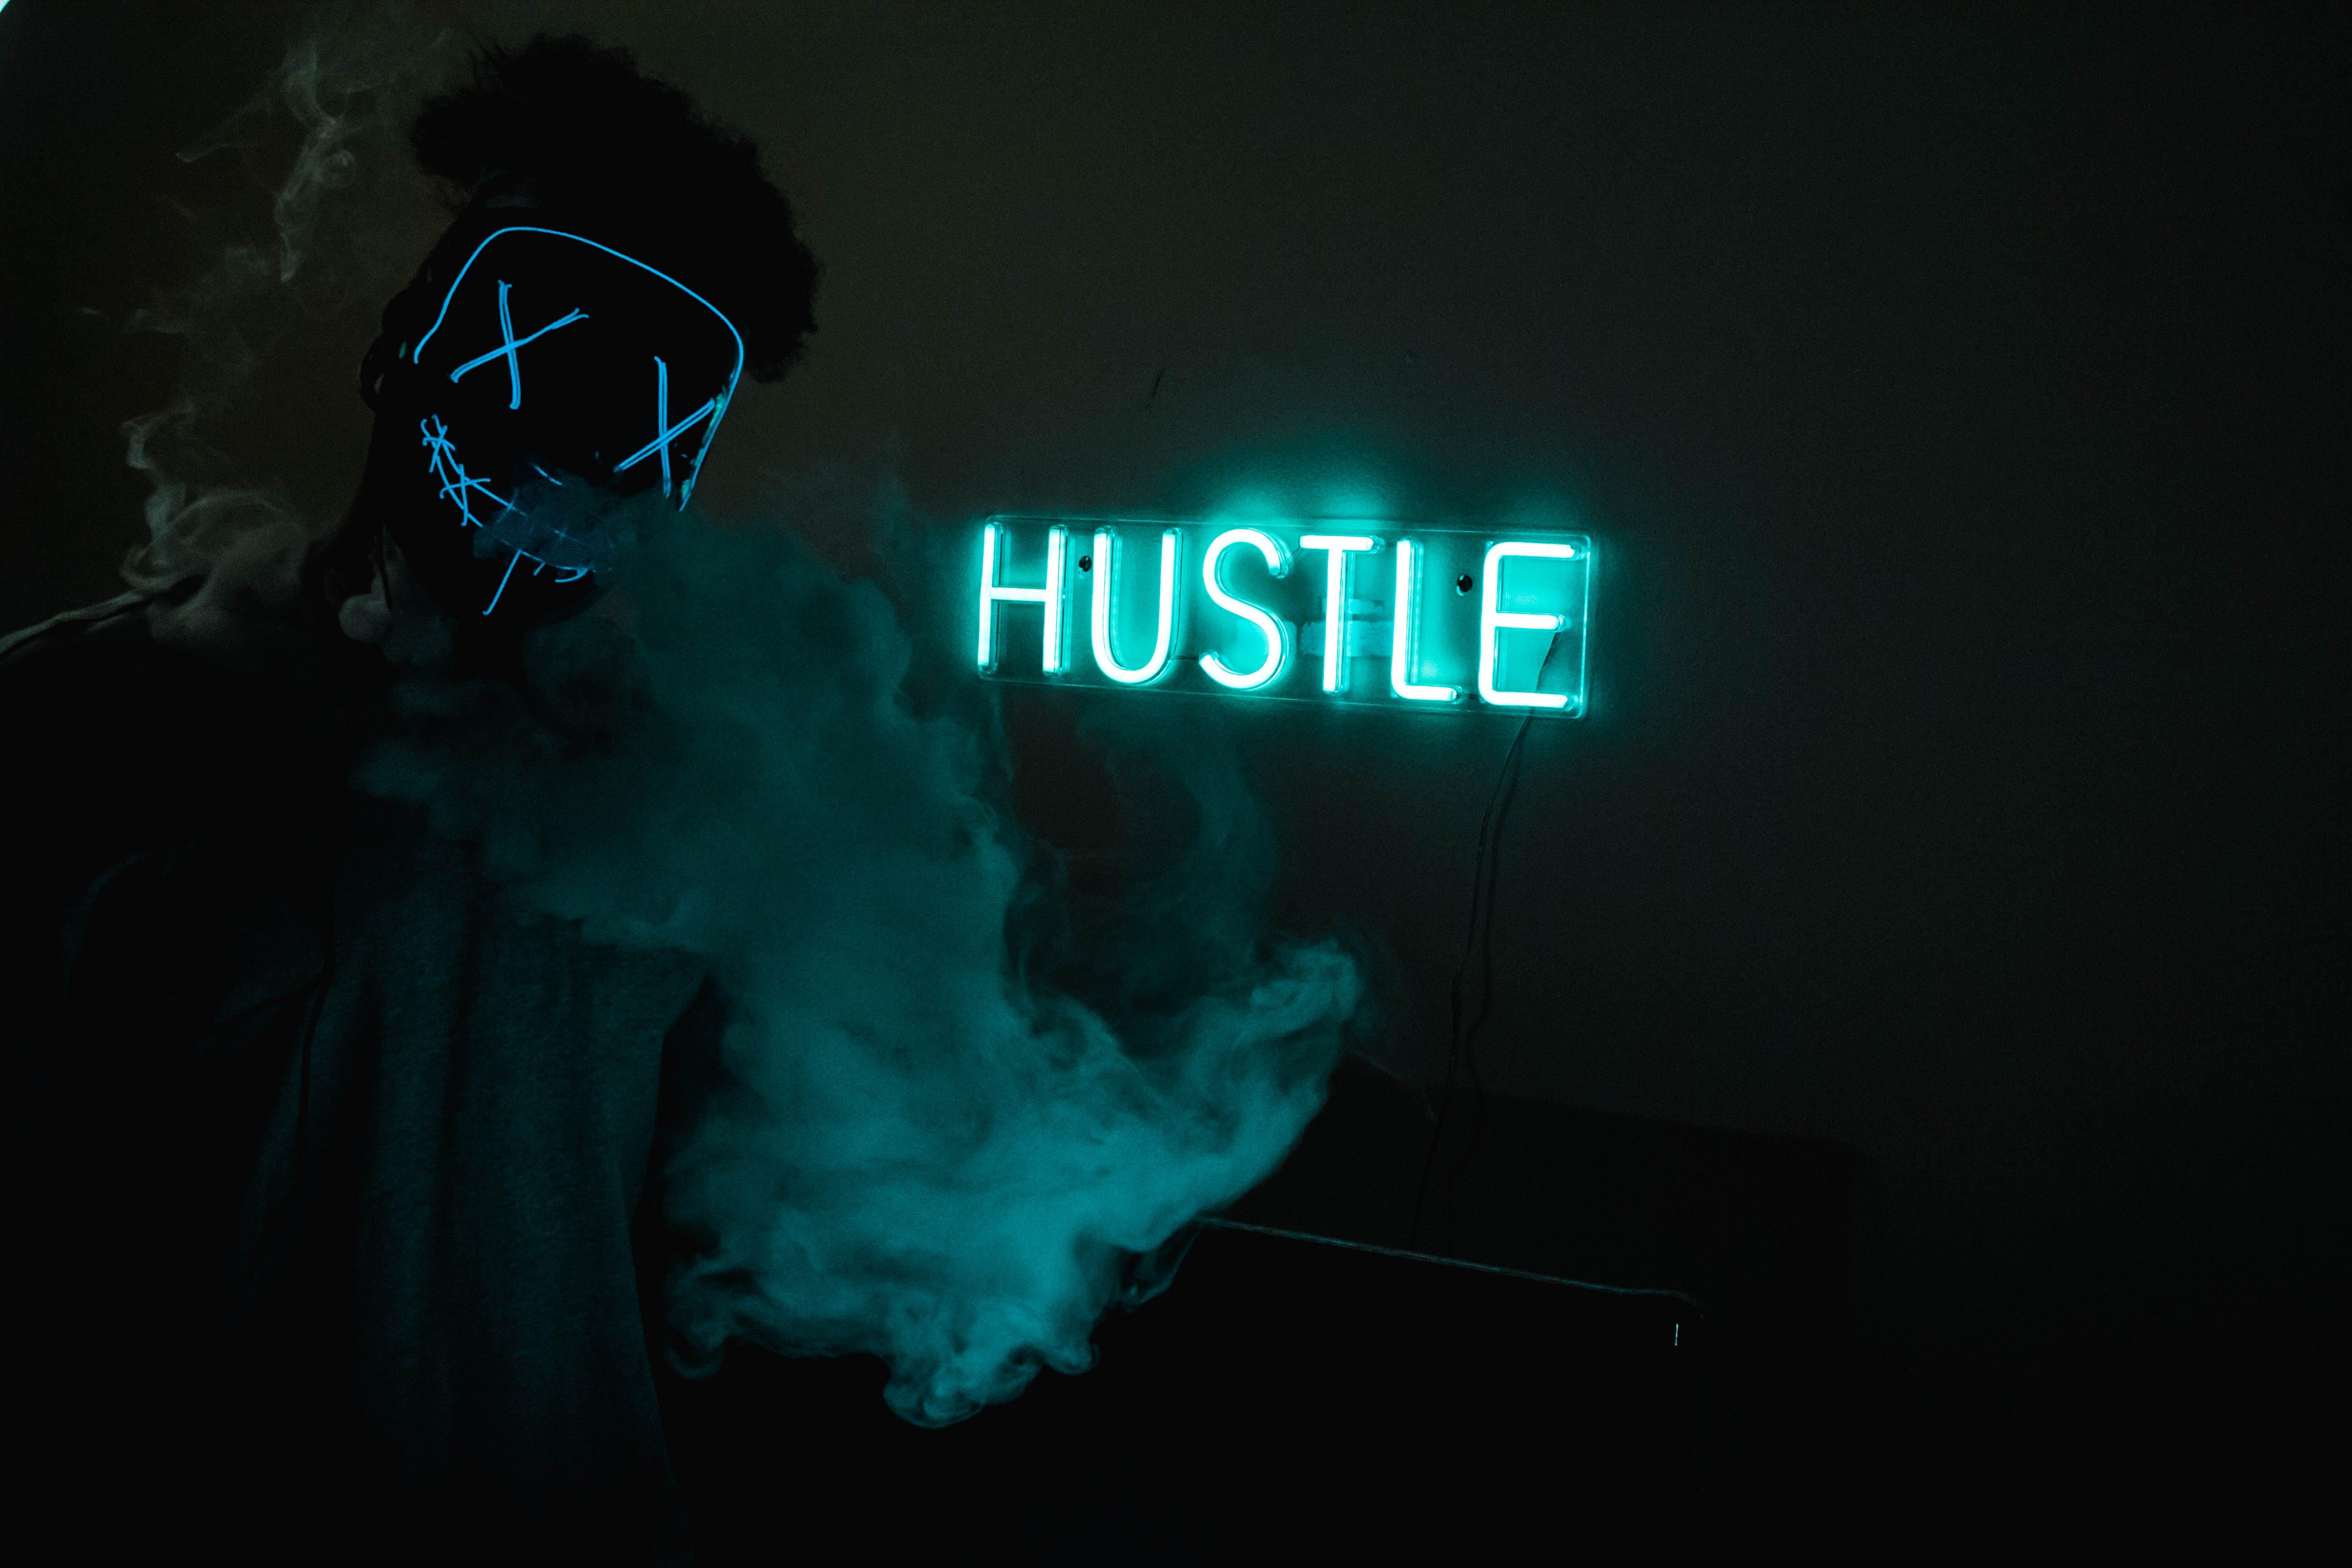 Hustle Led Signage